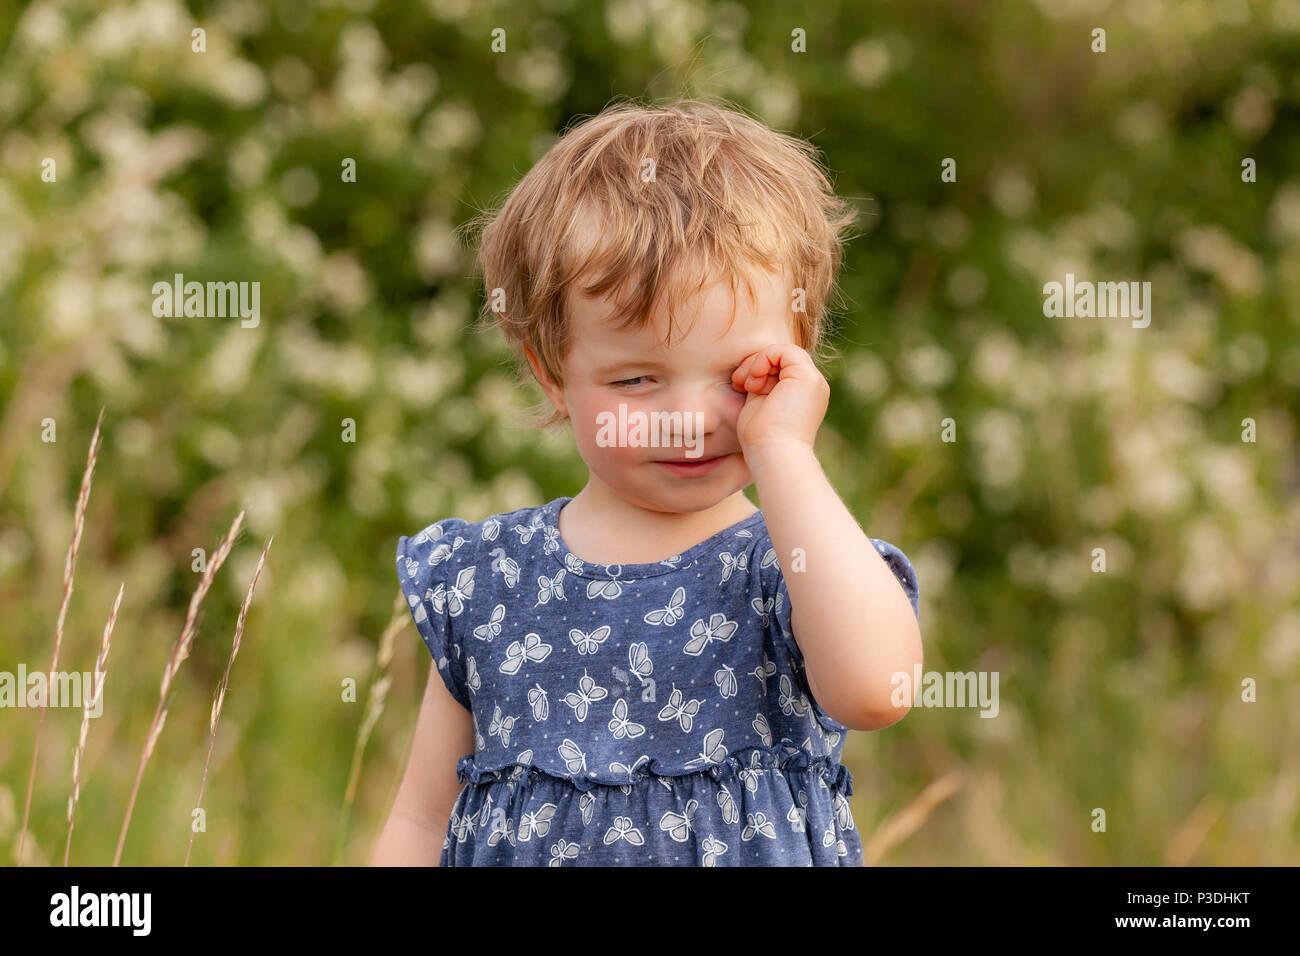 Nein ich bin nicht Müde müdes  Kind reibt sich die Augen - Stock Image